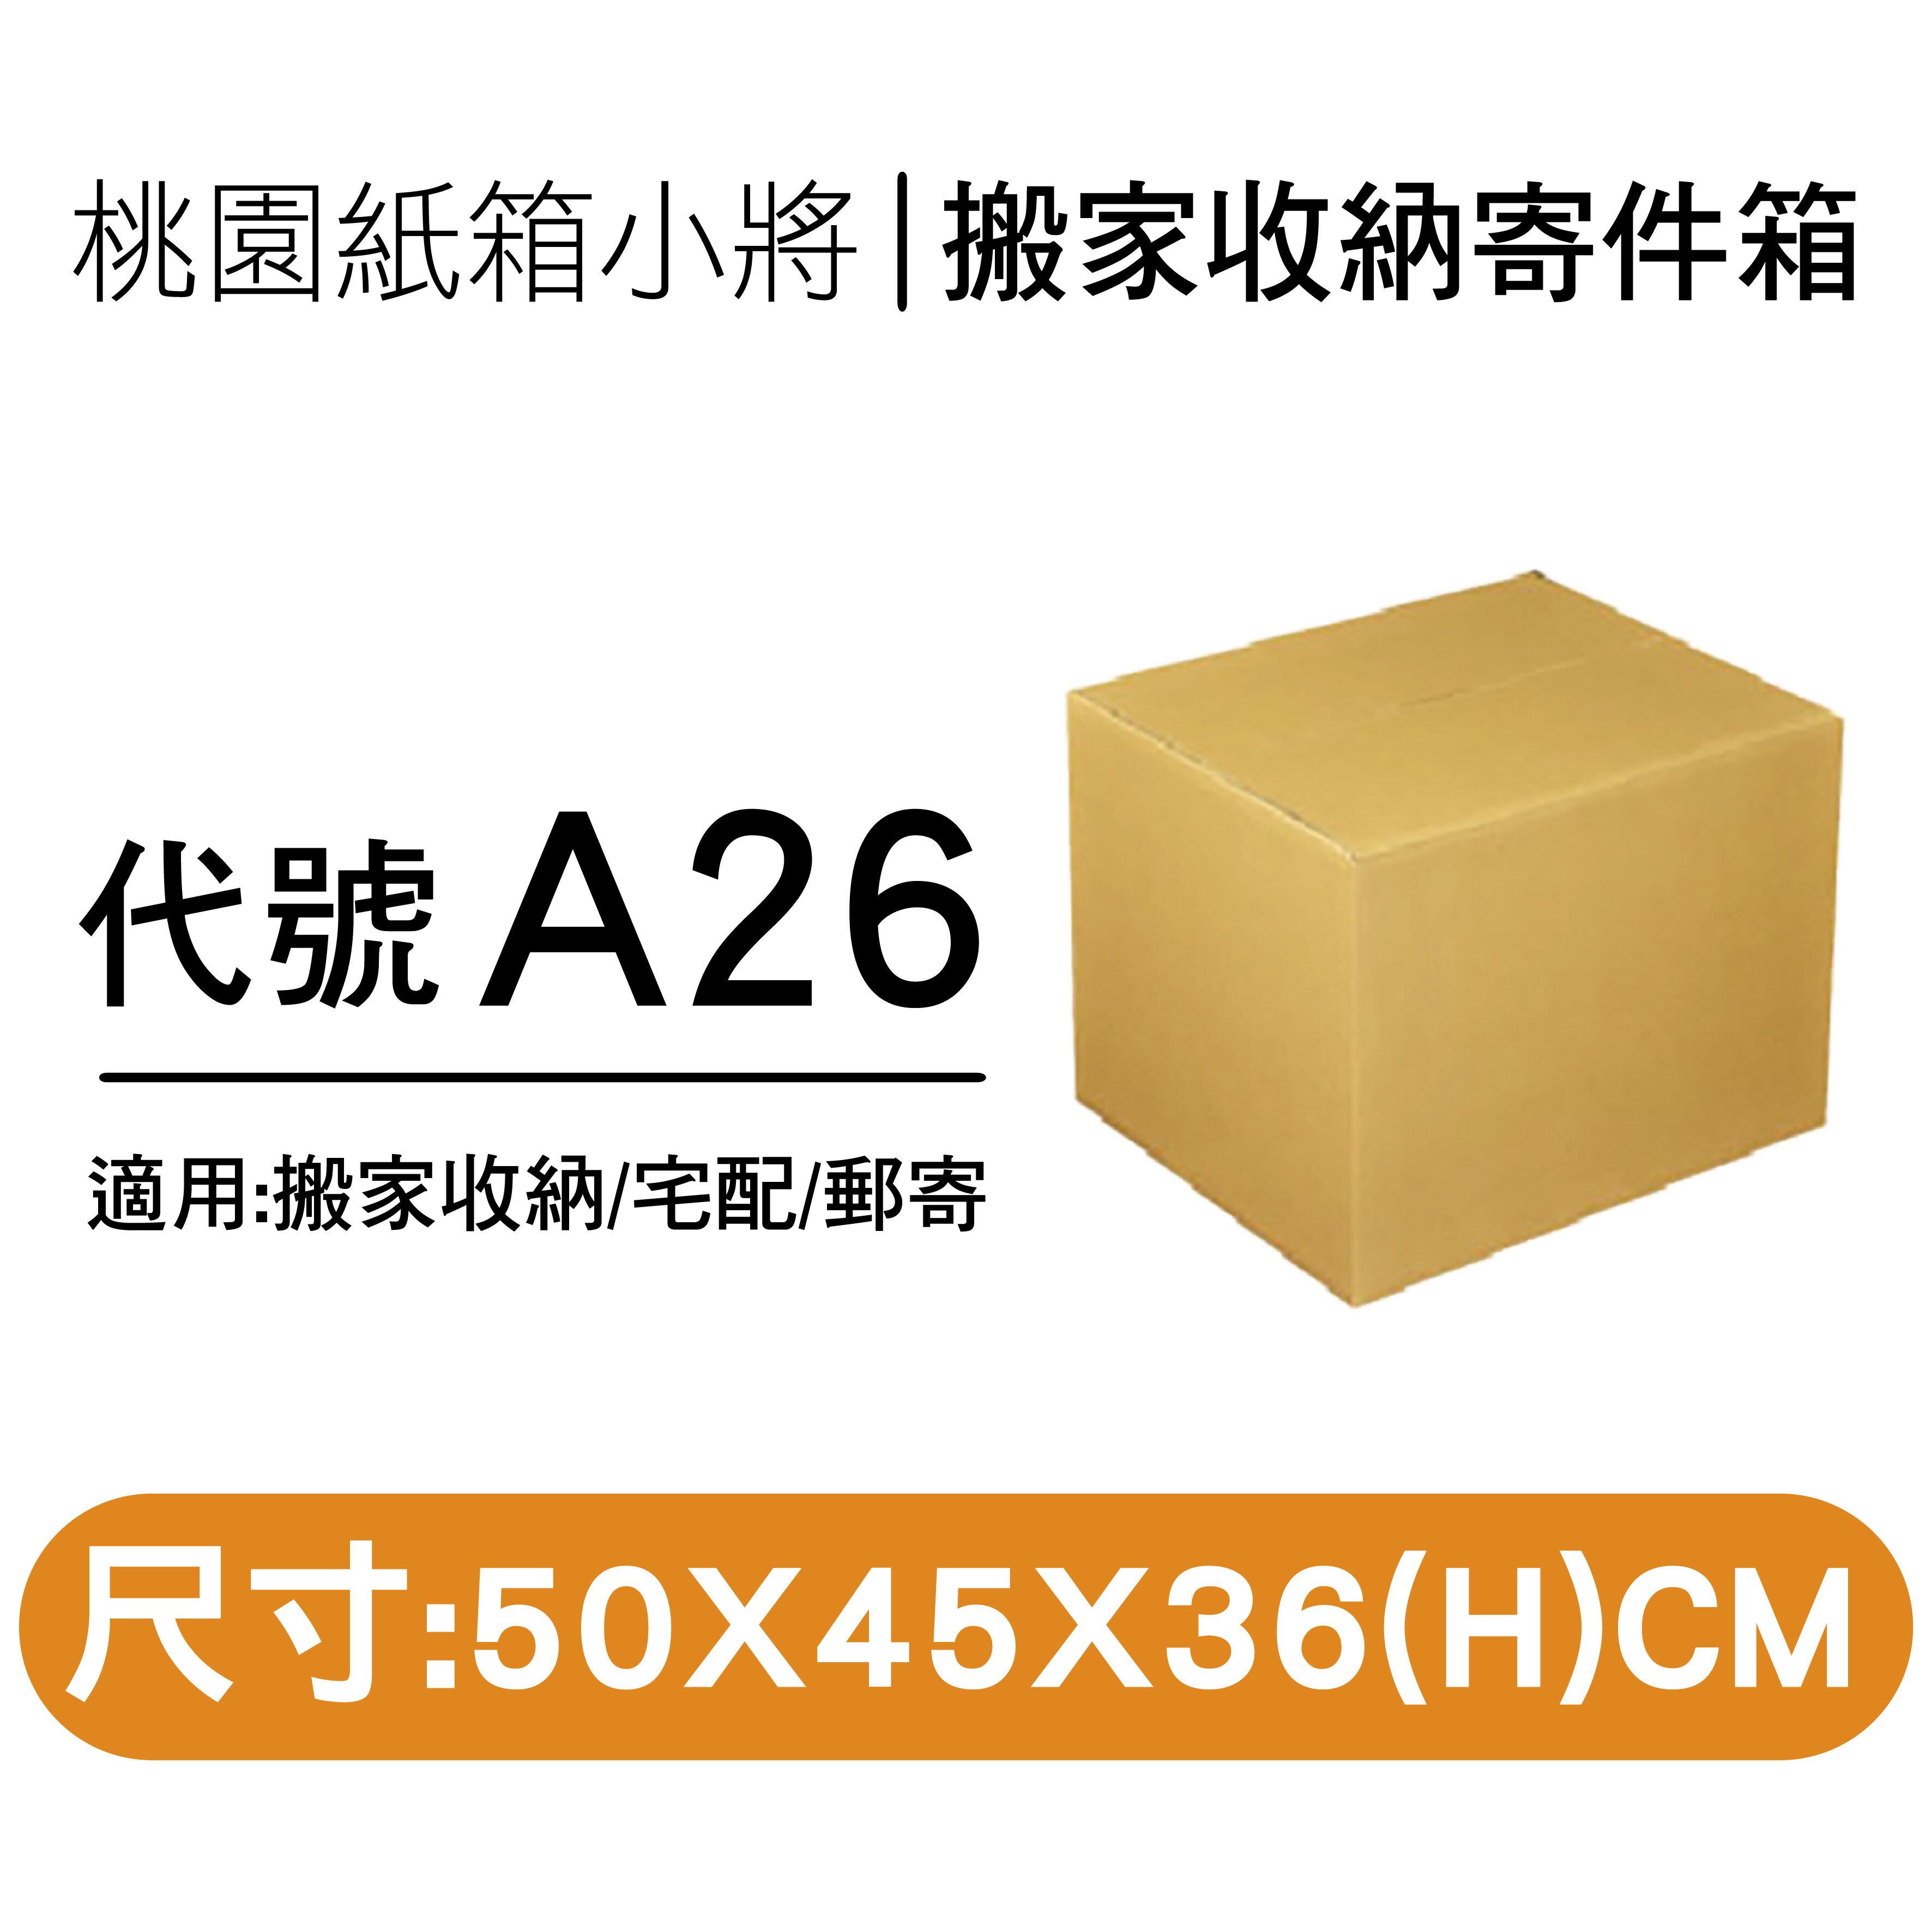 搬家紙箱【50X45X36 CM A浪】【10入】宅配紙箱 包裝箱 紙箱